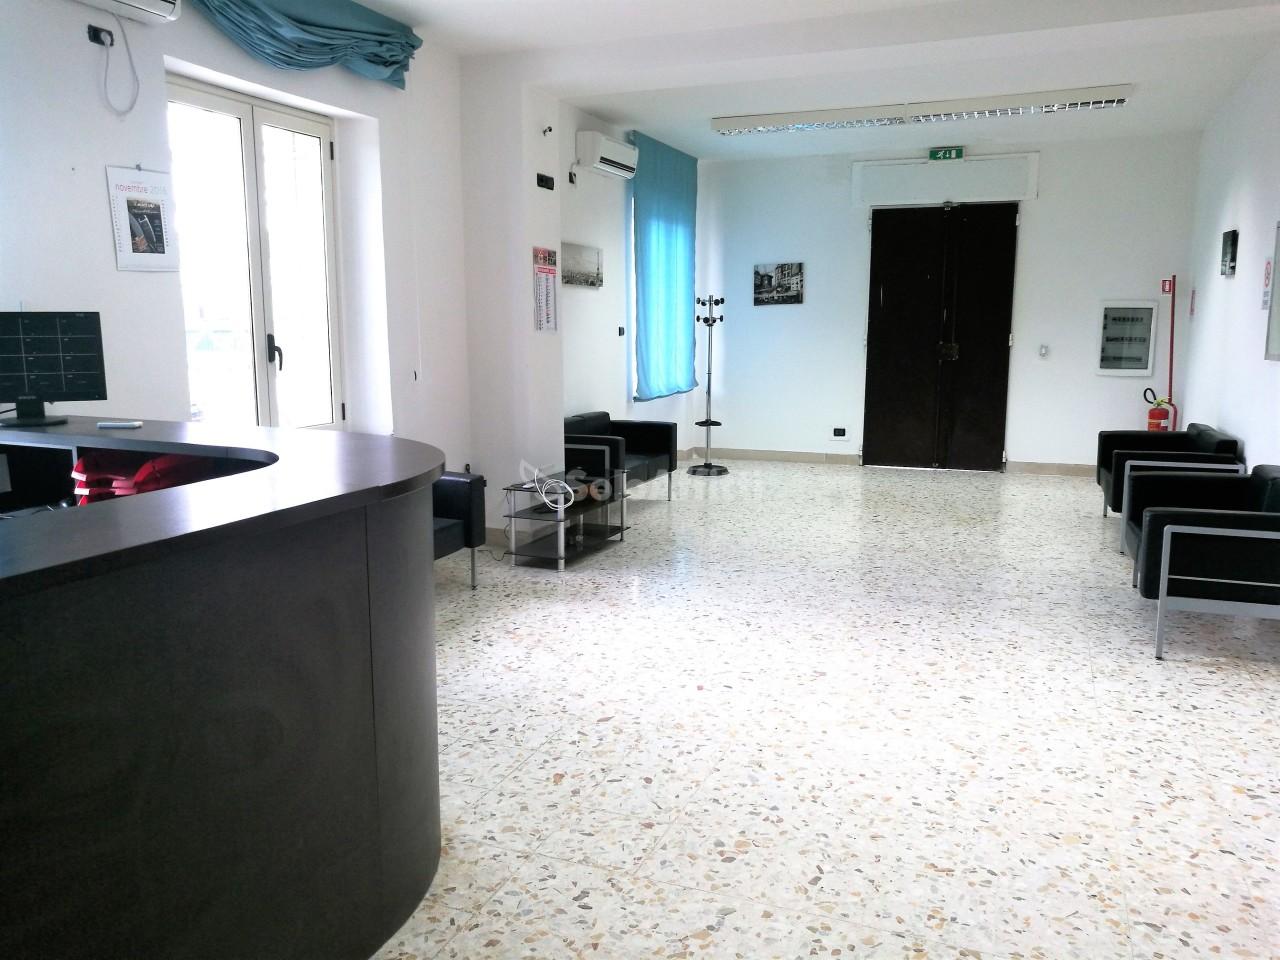 Ufficio - oltre 4 locali a Lido Fortuna, Catanzaro Rif. 11021590